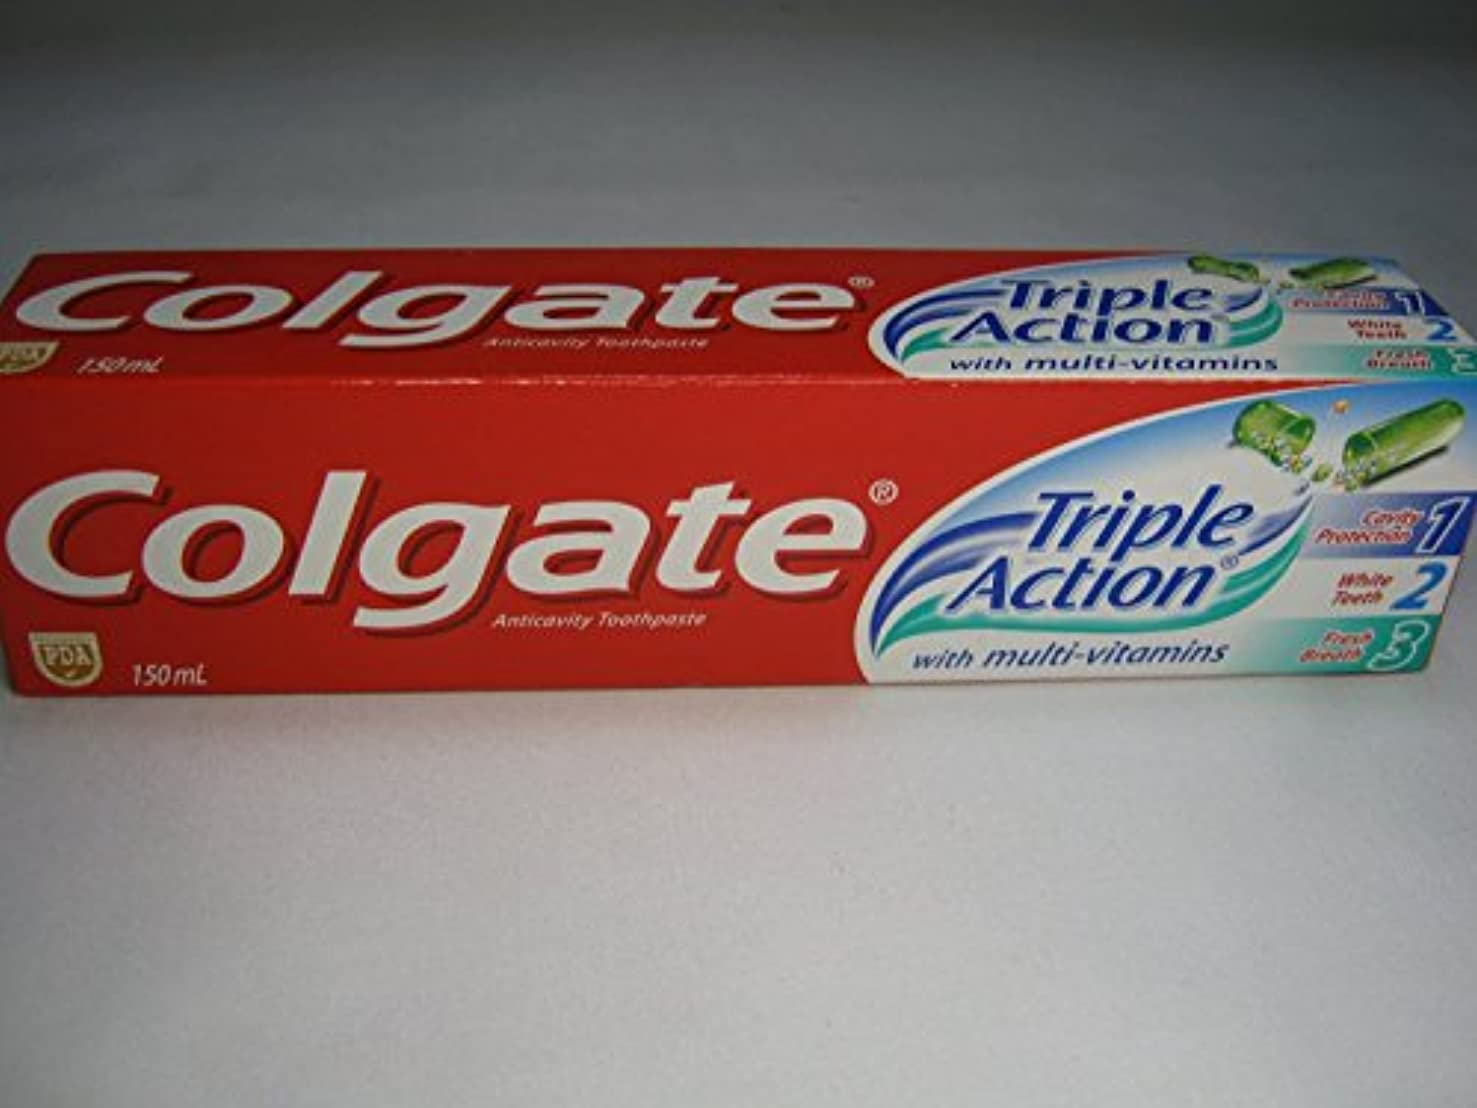 恥ずかしさ無傷遷移Colgate Triple Action Toothpaste コールゲート トリプルアクション 歯磨き粉 [並行輸入品]